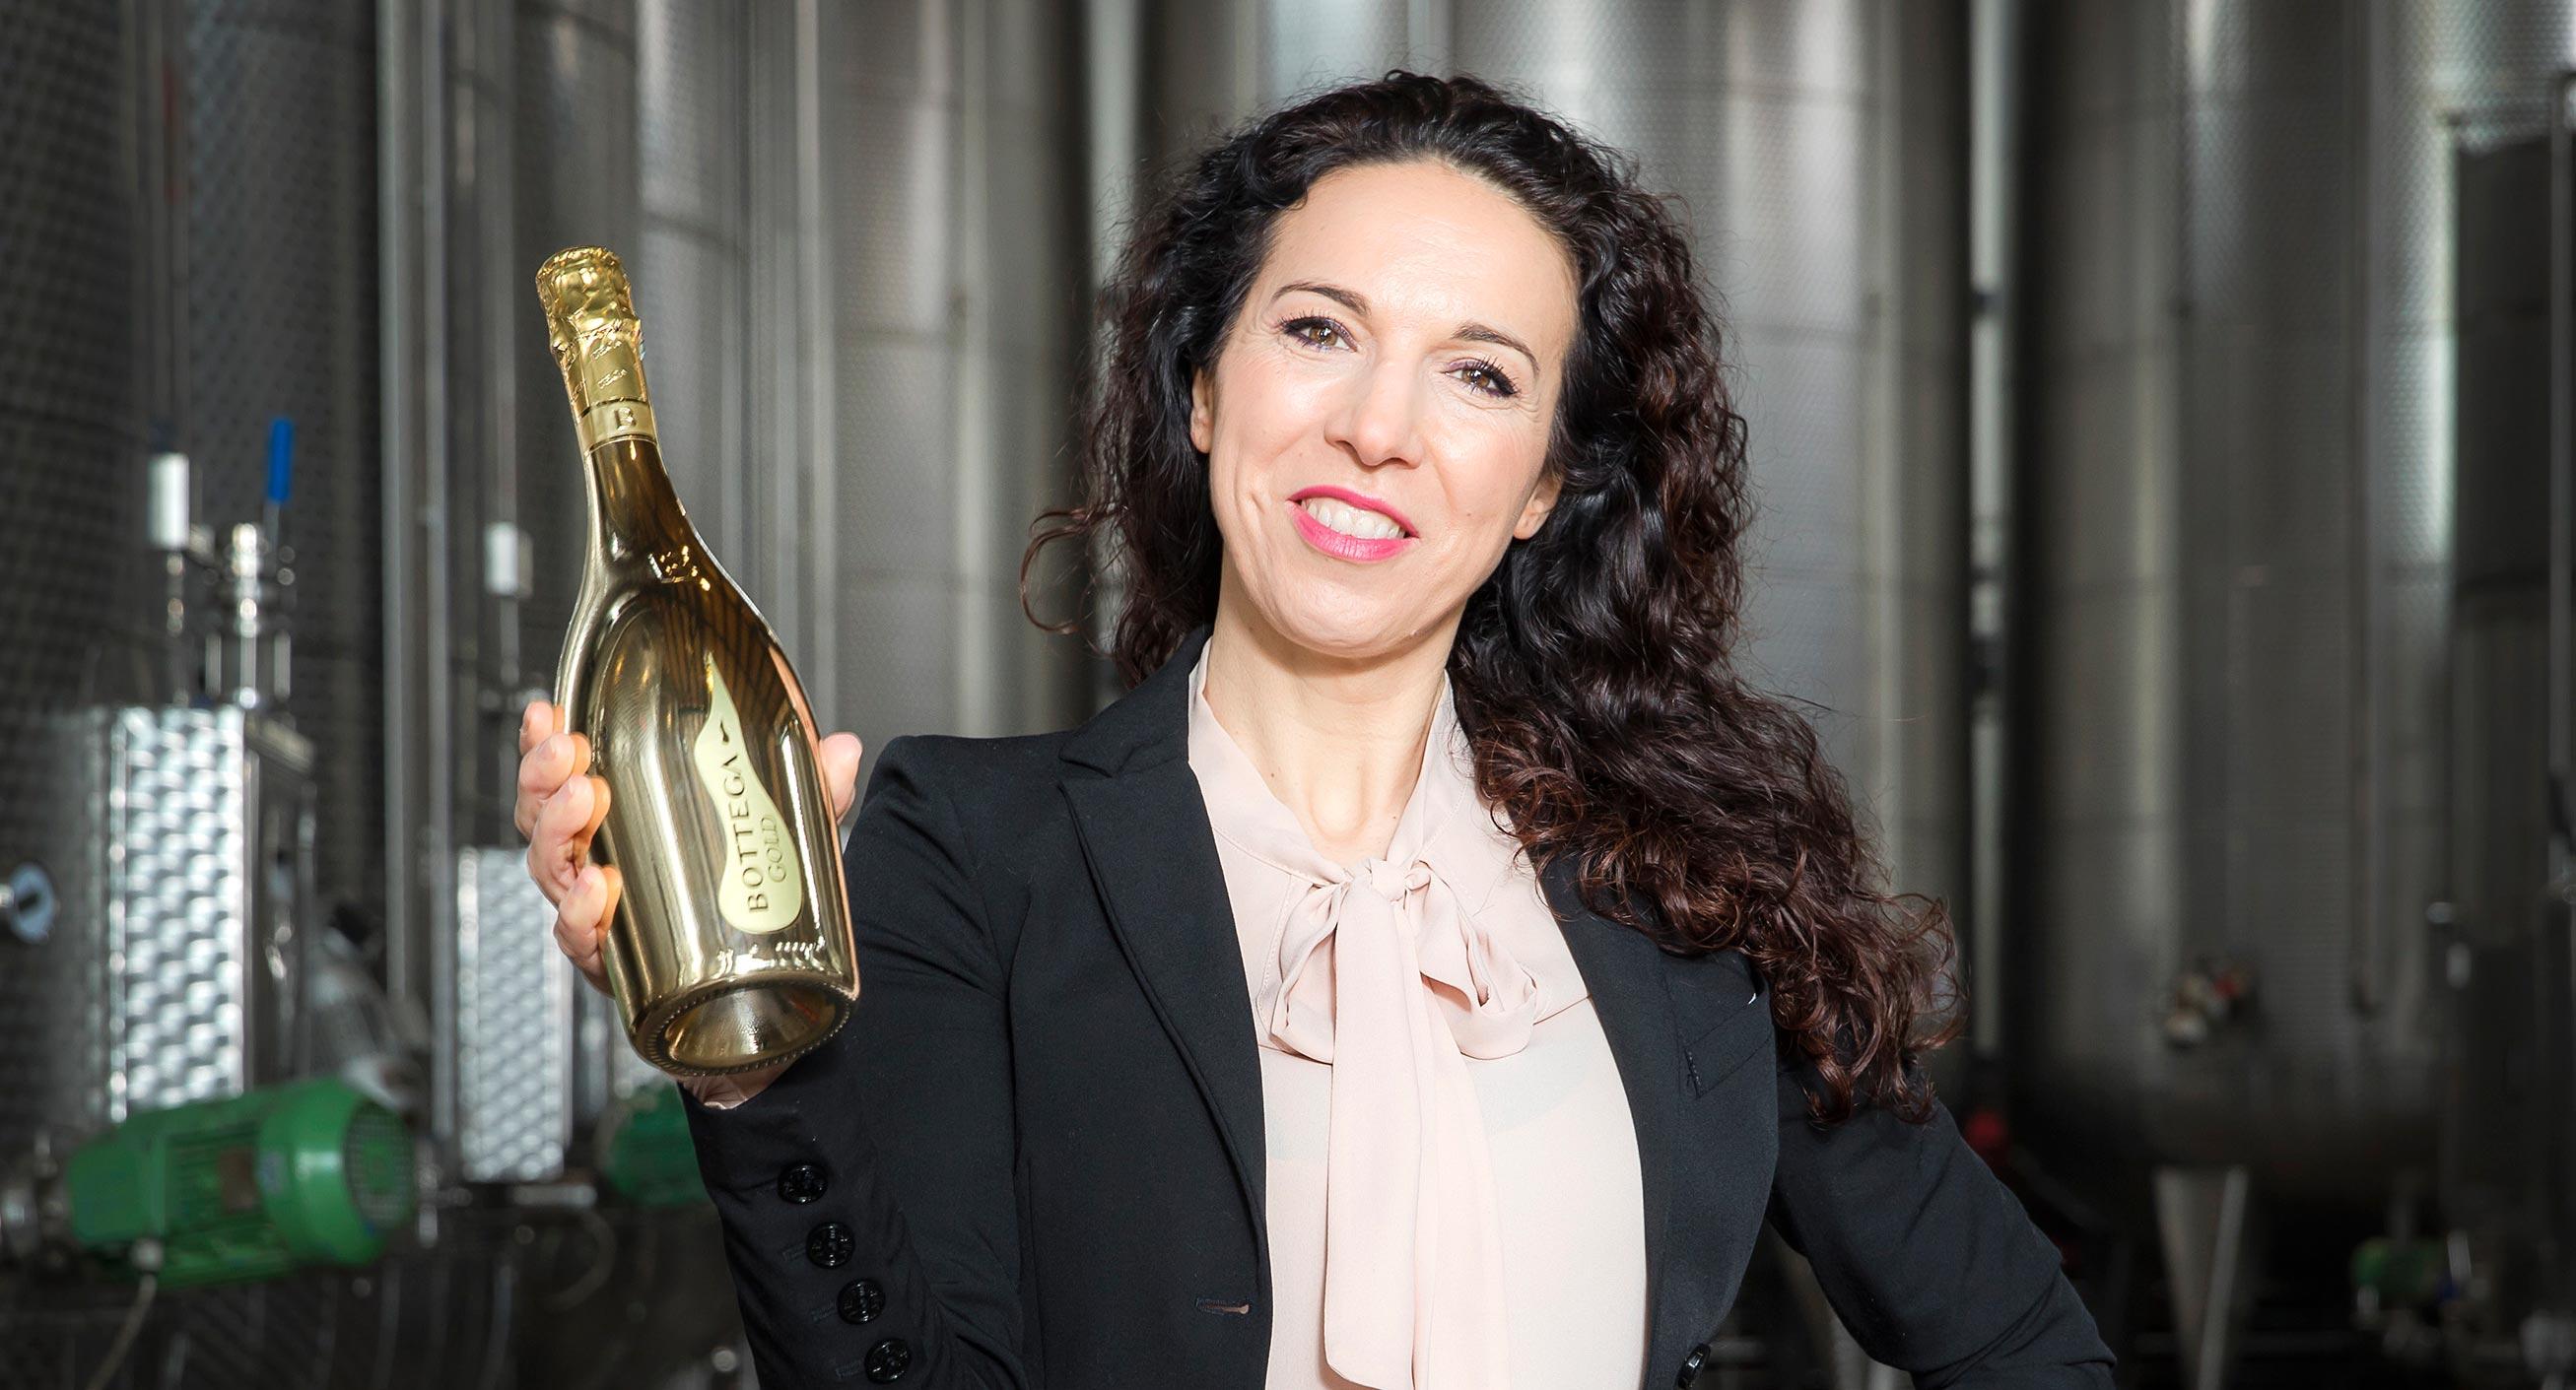 Photo of Premio Mediterraneo Packaging ha superato con successo settimo anno